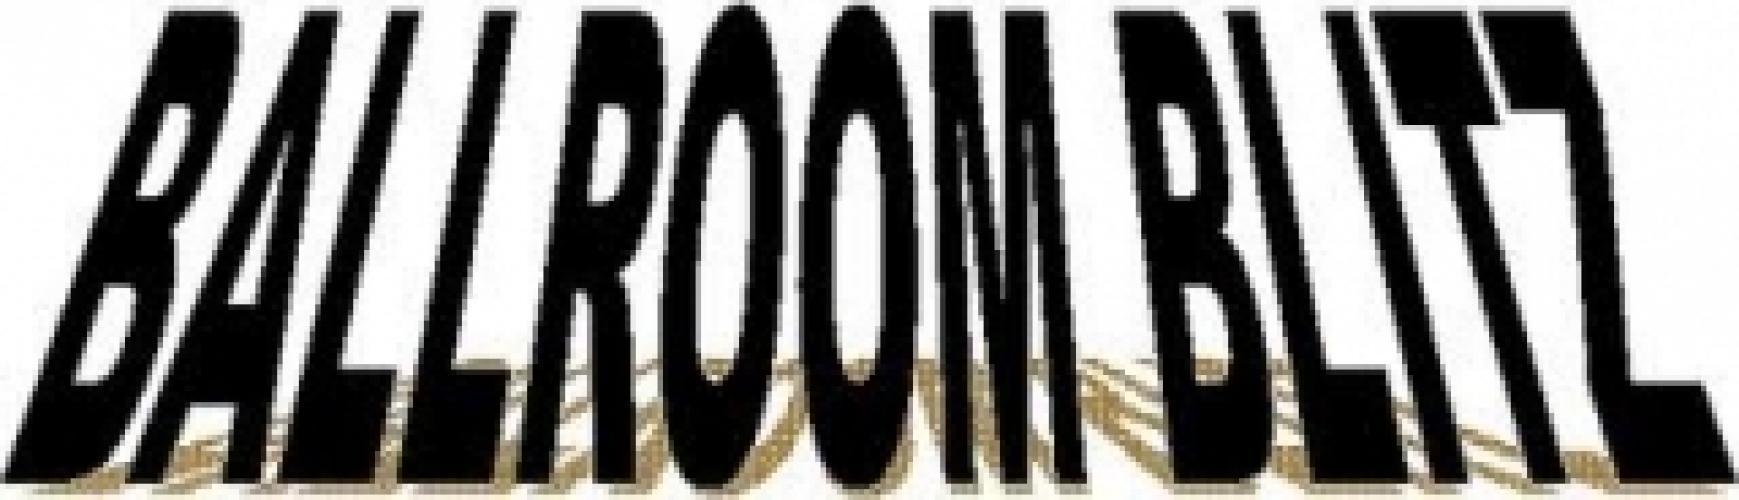 Ballroom Blitz next episode air date poster